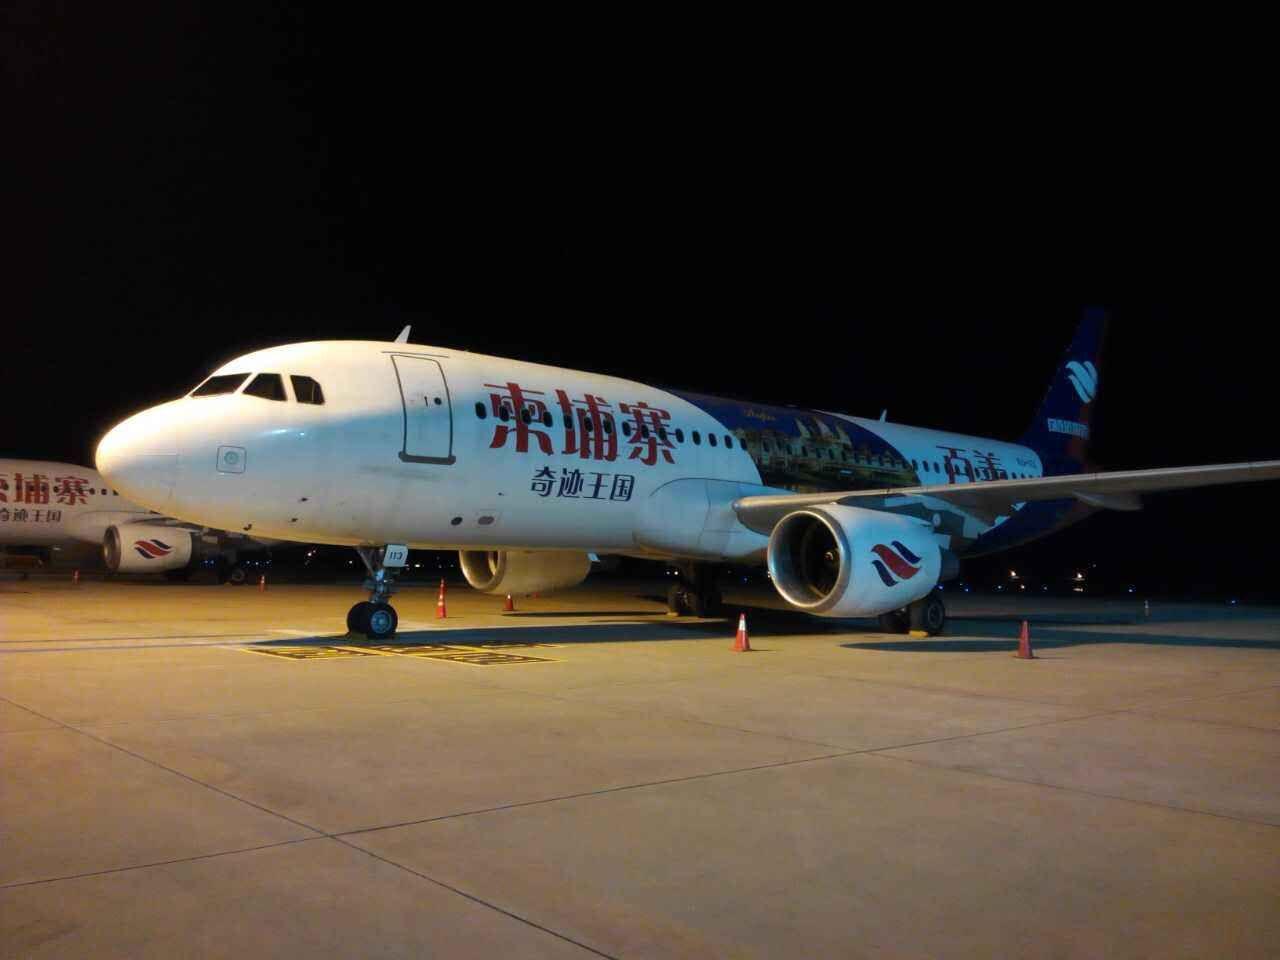 柬埔寨金边起飞的包机航班